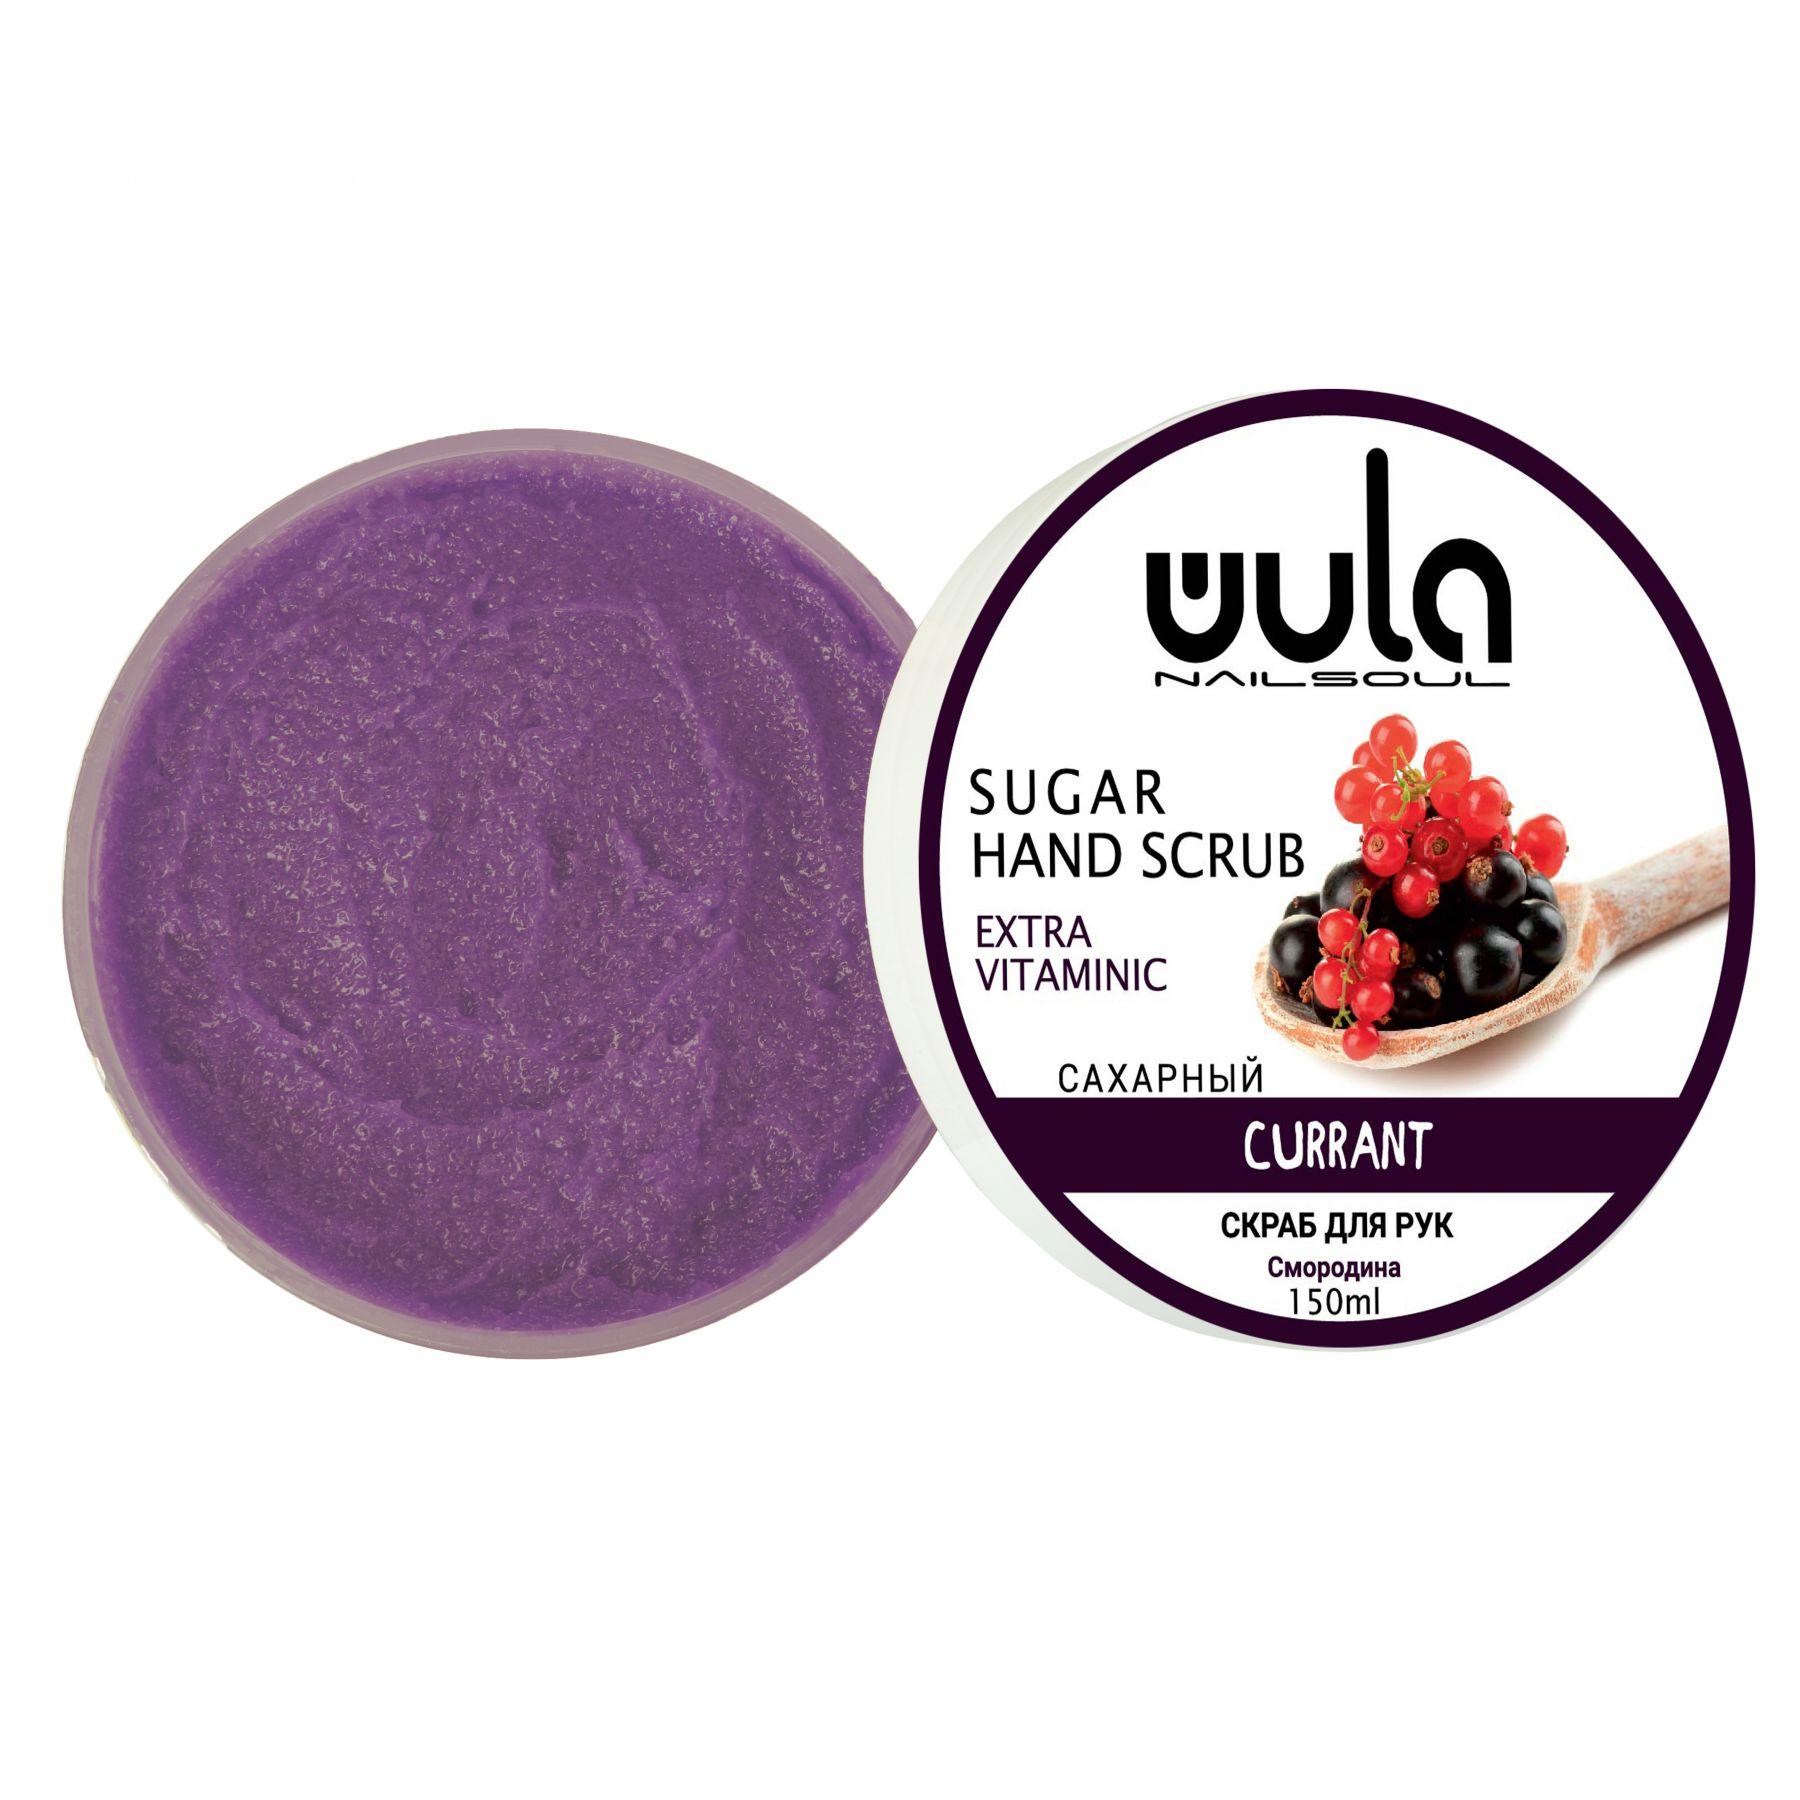 Купить Wula nailsoul сахарный скраб для рук Смородина с витамином F 150мл